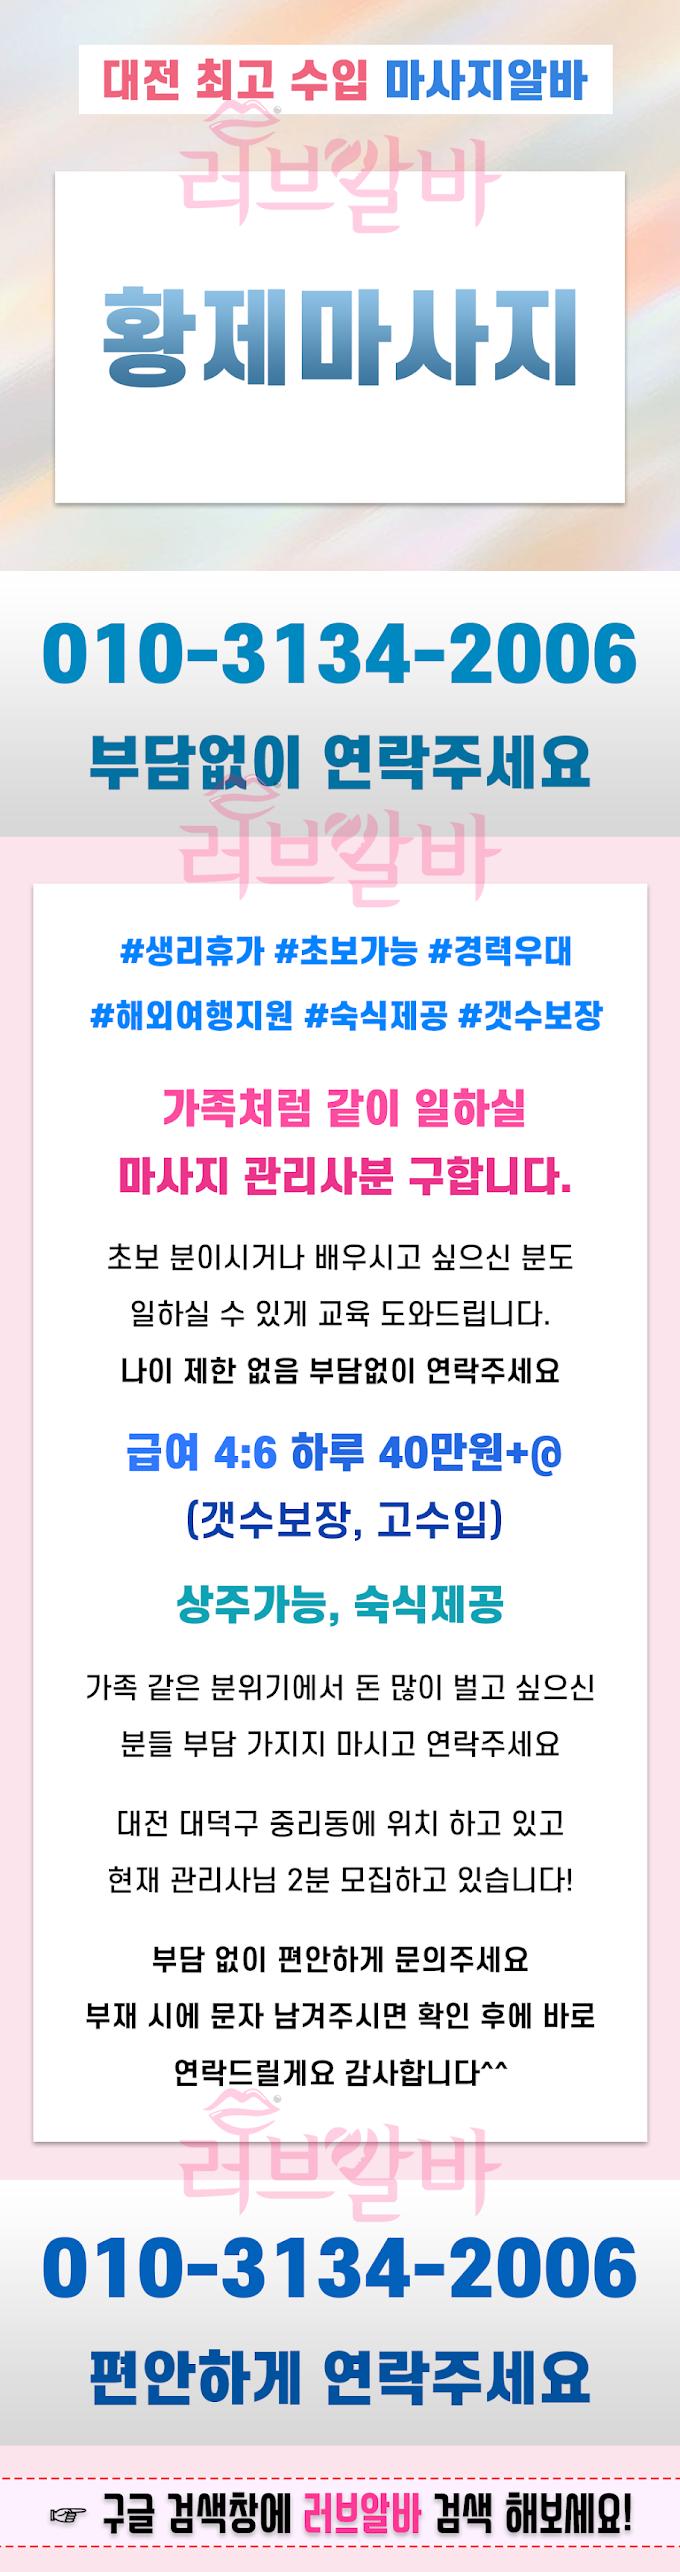 [대전 대덕구] 황제마사지 마사지 관리사분 모집중! 일당 40만원+@